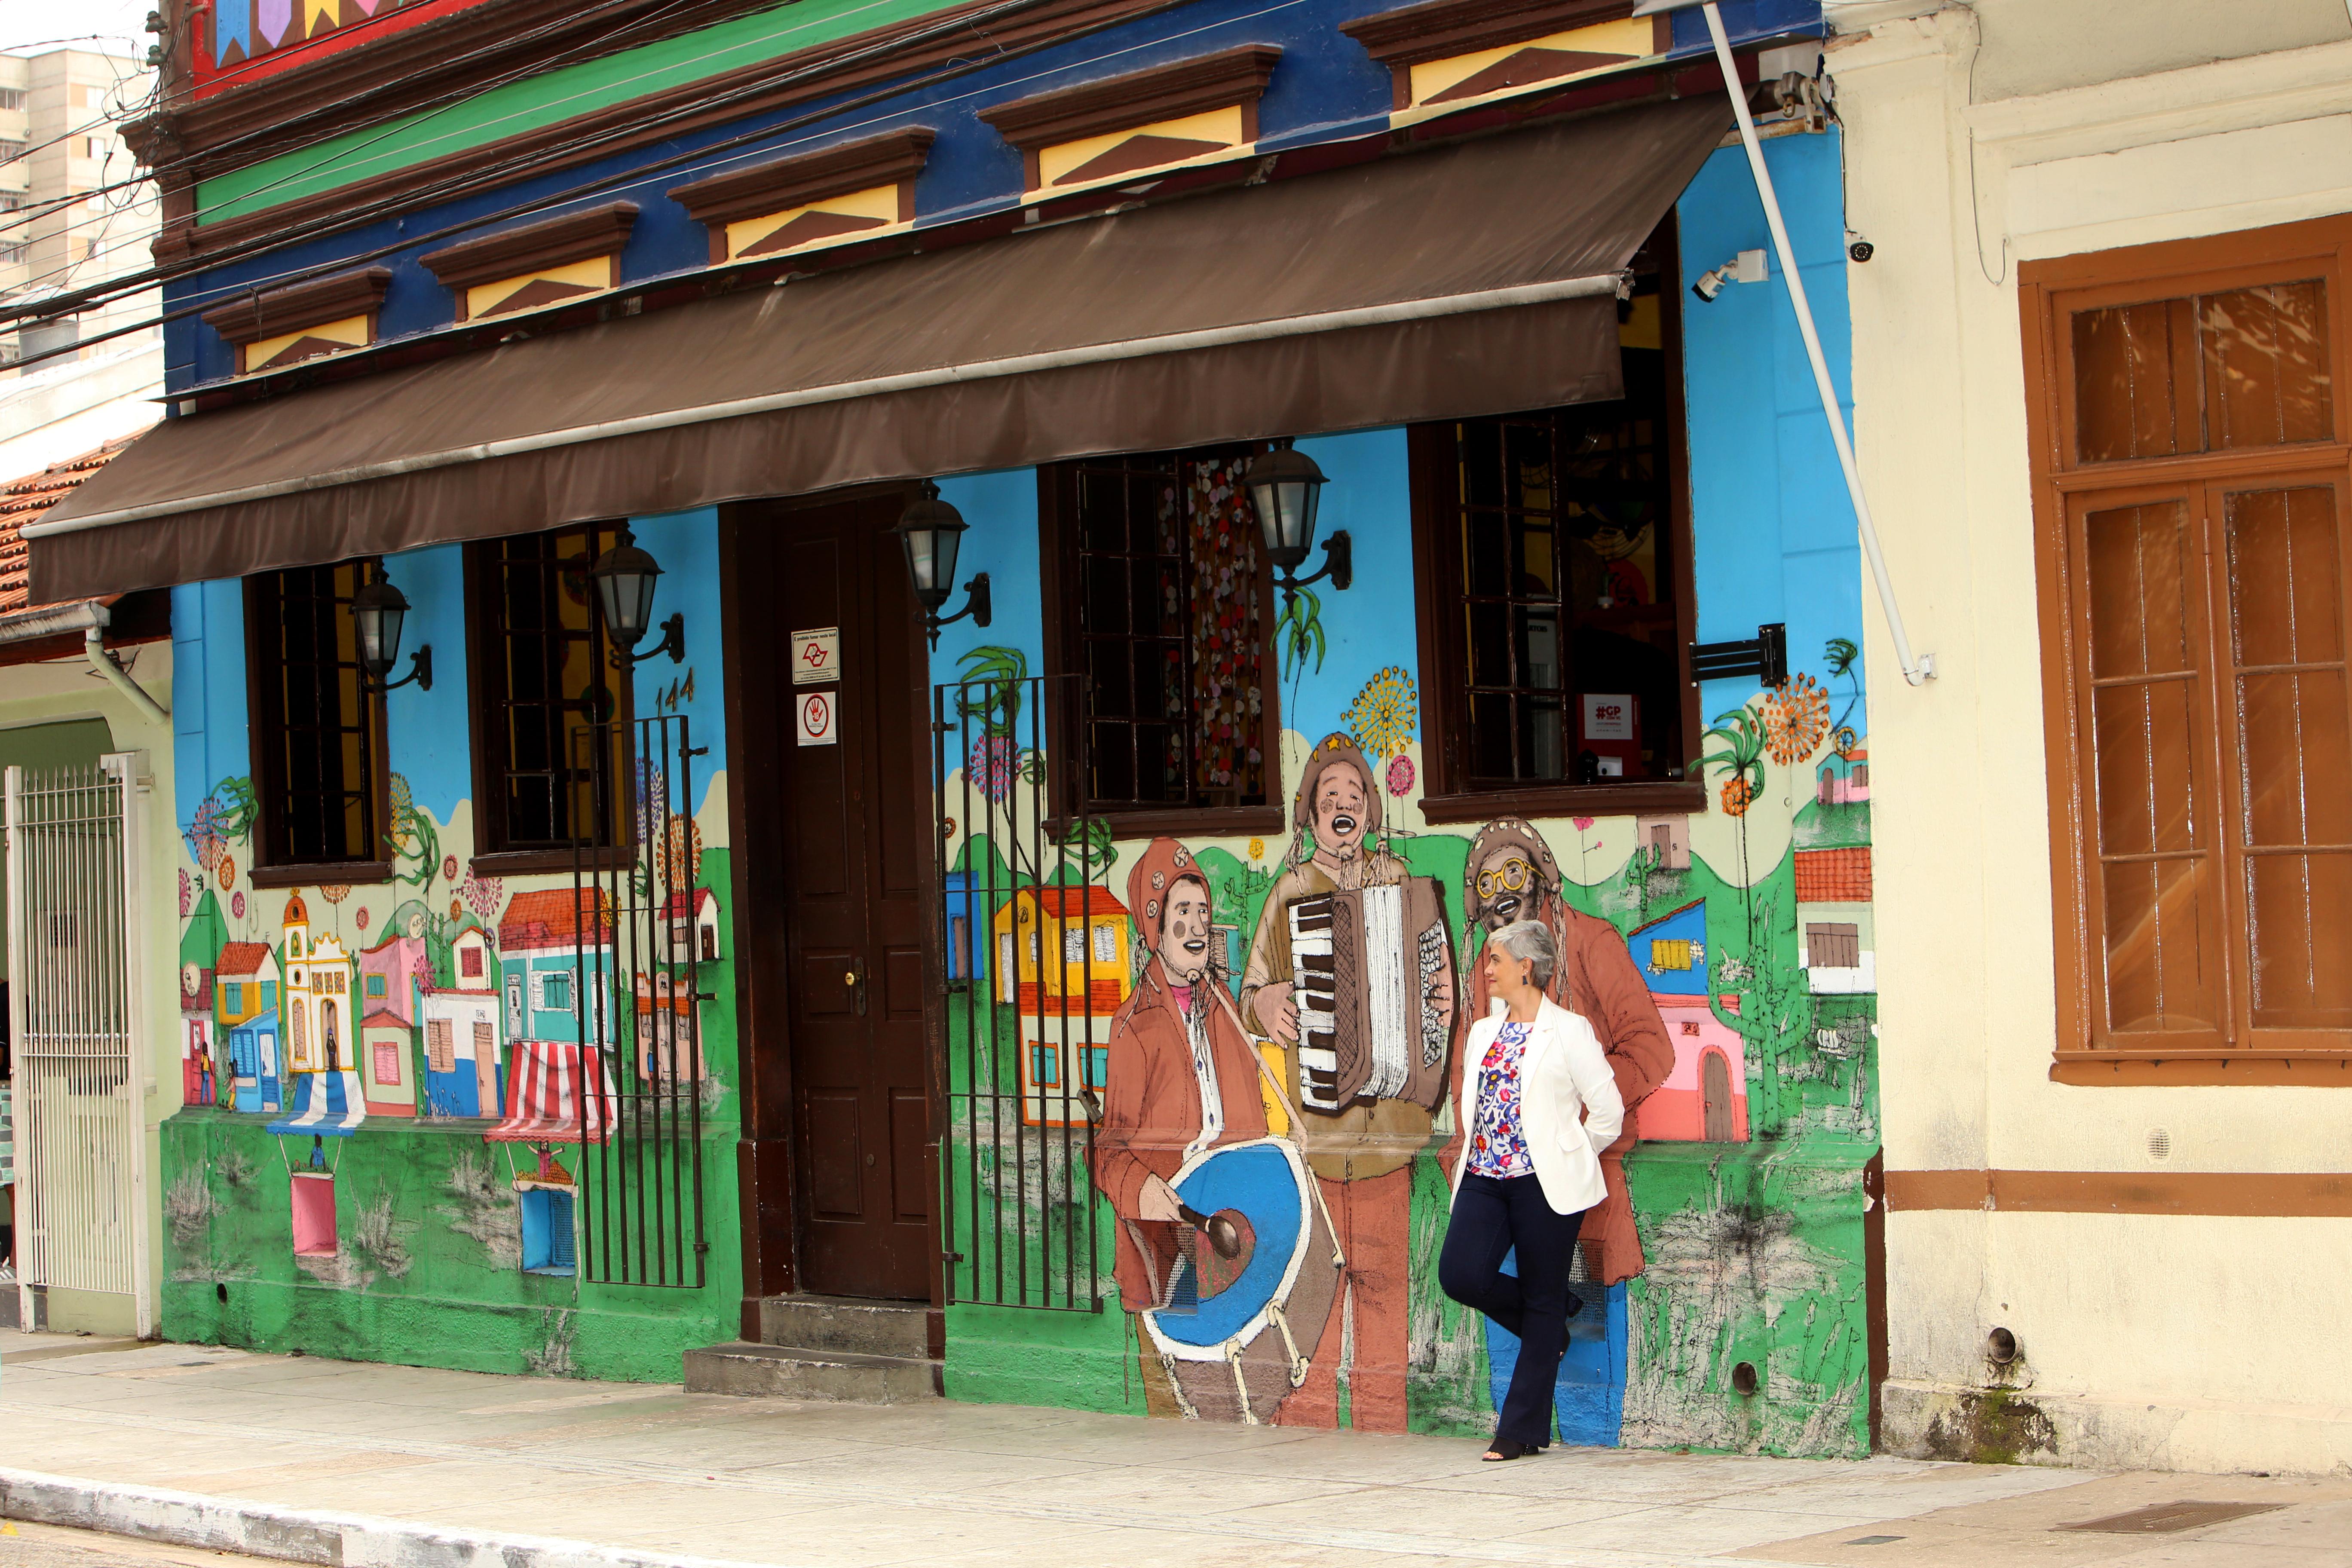 A vereadora Sandra Santana aparece de longe, encostada em parede colorida de restaurante na Freguesia do Ó. Veste calça preta e blazer branco.